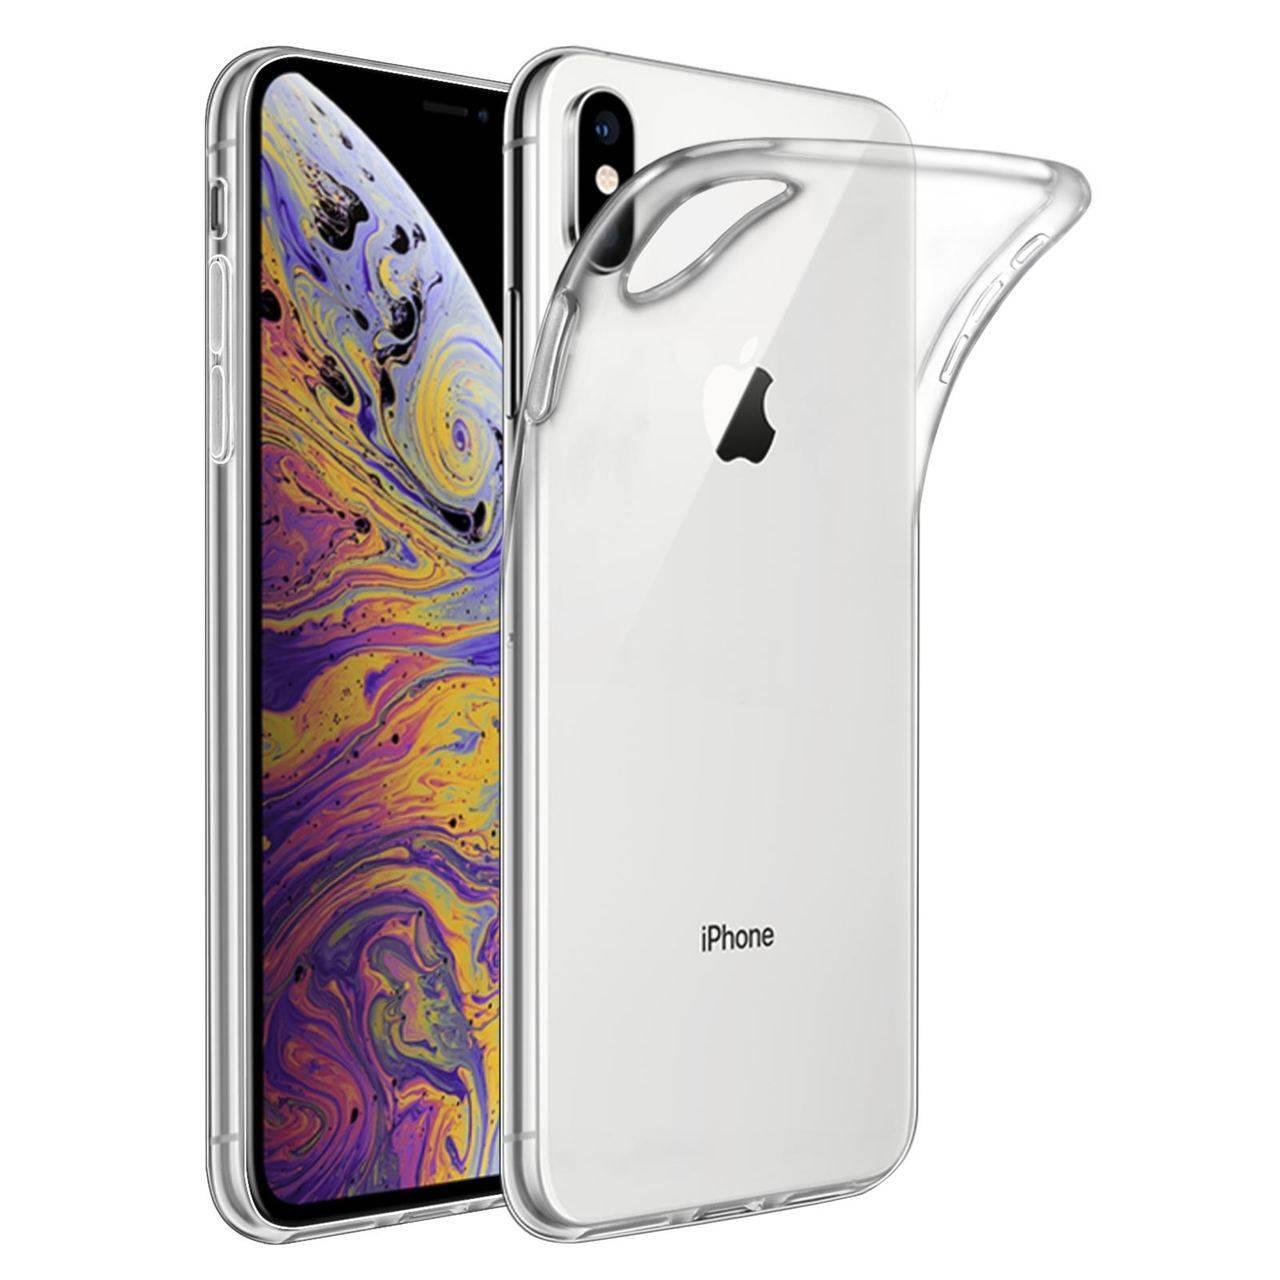 TPU gel iPhone XS Max case